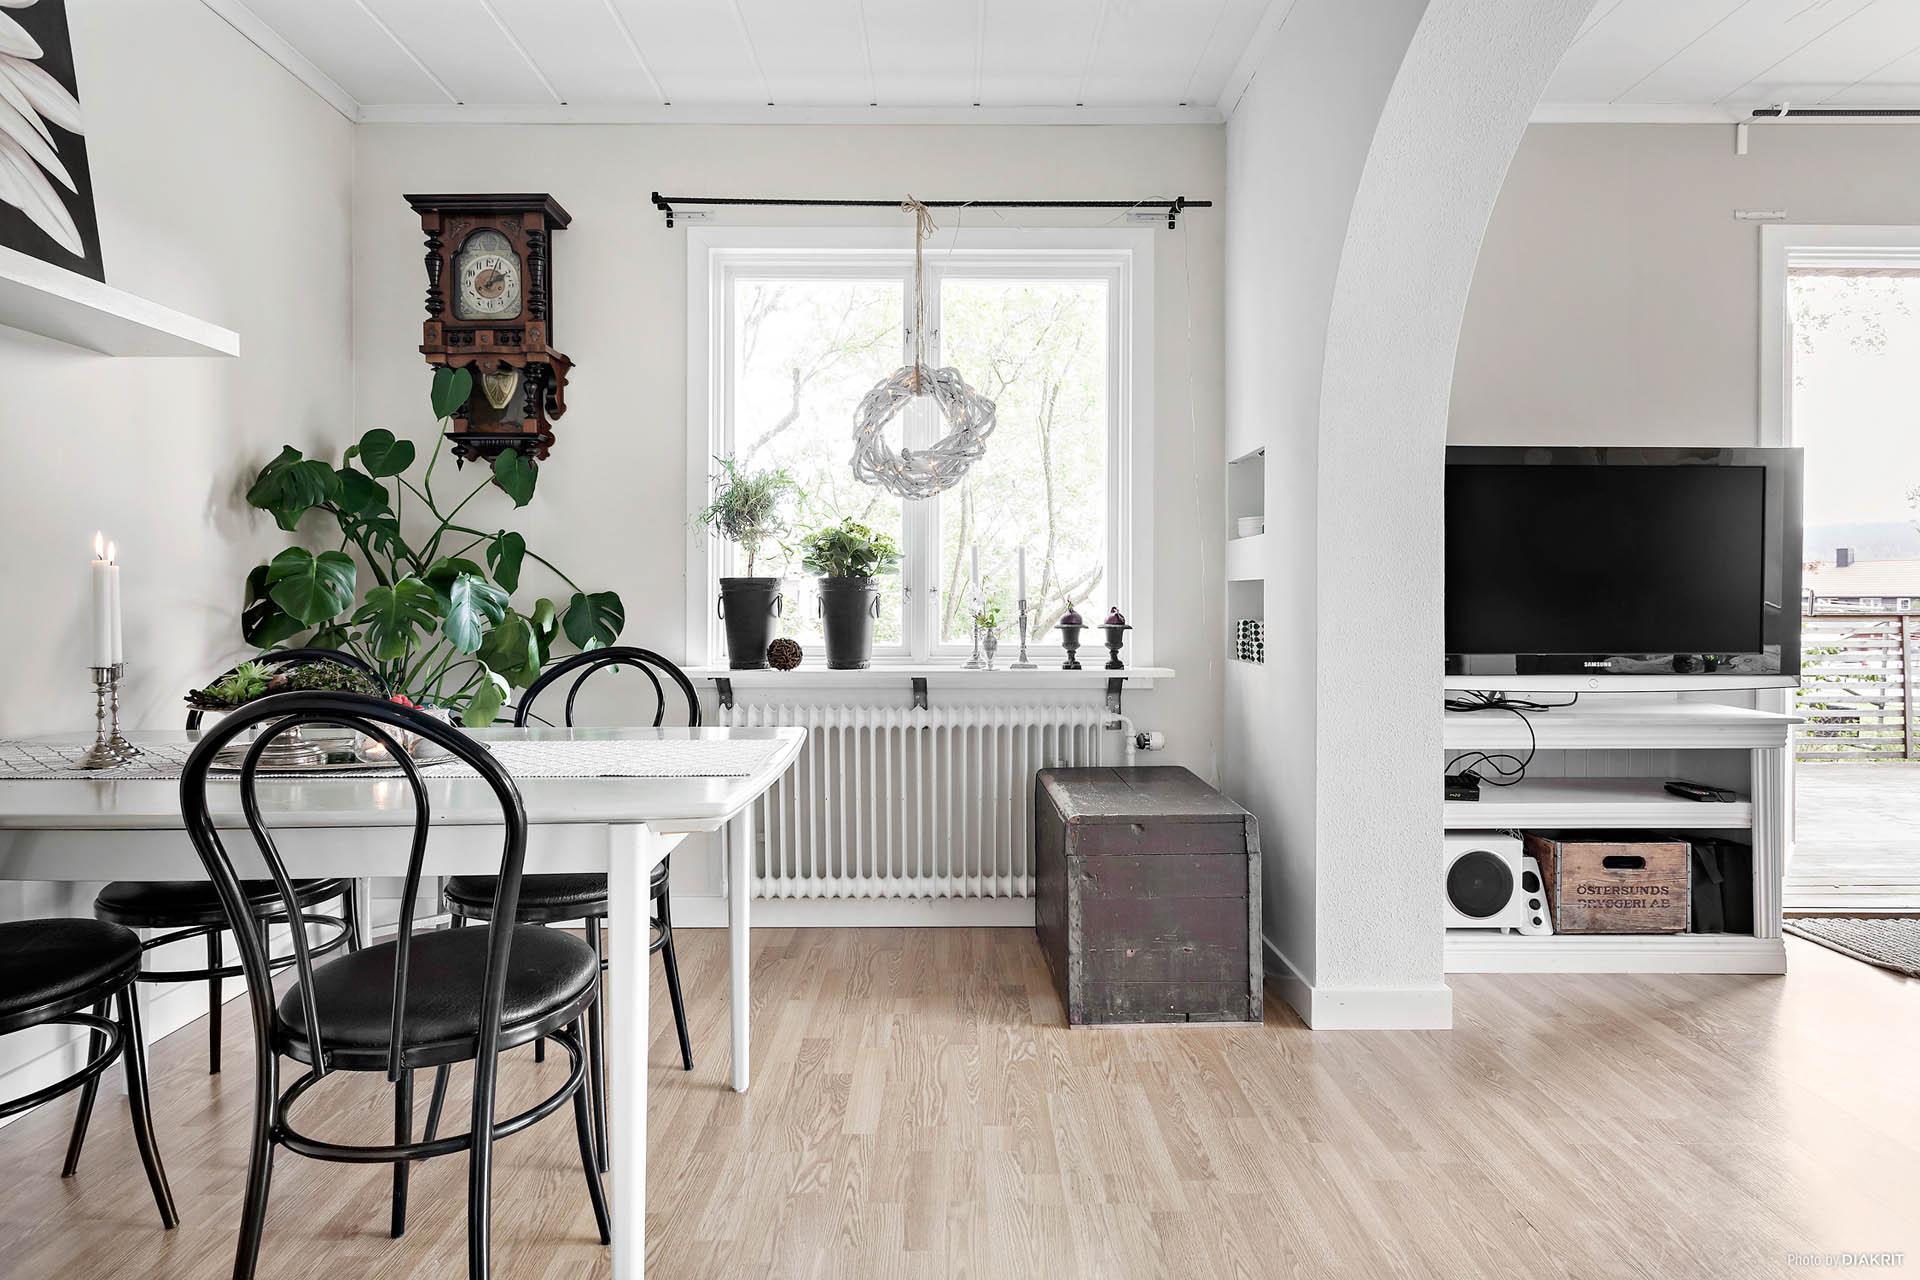 Matrum i anslutning till kök och vardagsrum